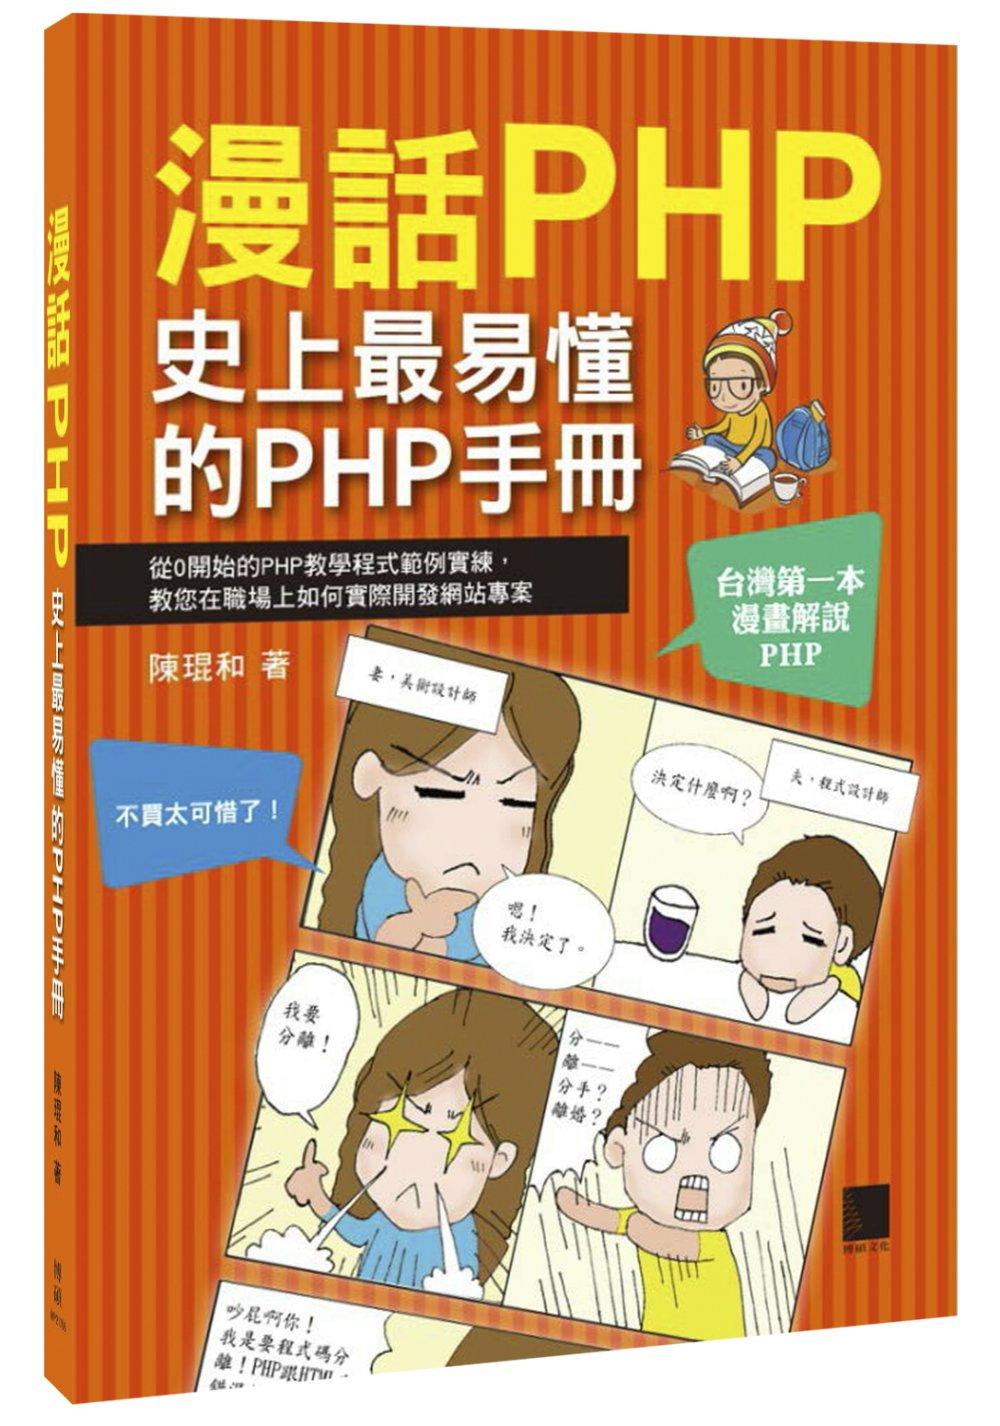 ◤博客來BOOKS◢ 暢銷書榜《推薦》漫話PHP:史上最易懂的PHP手冊